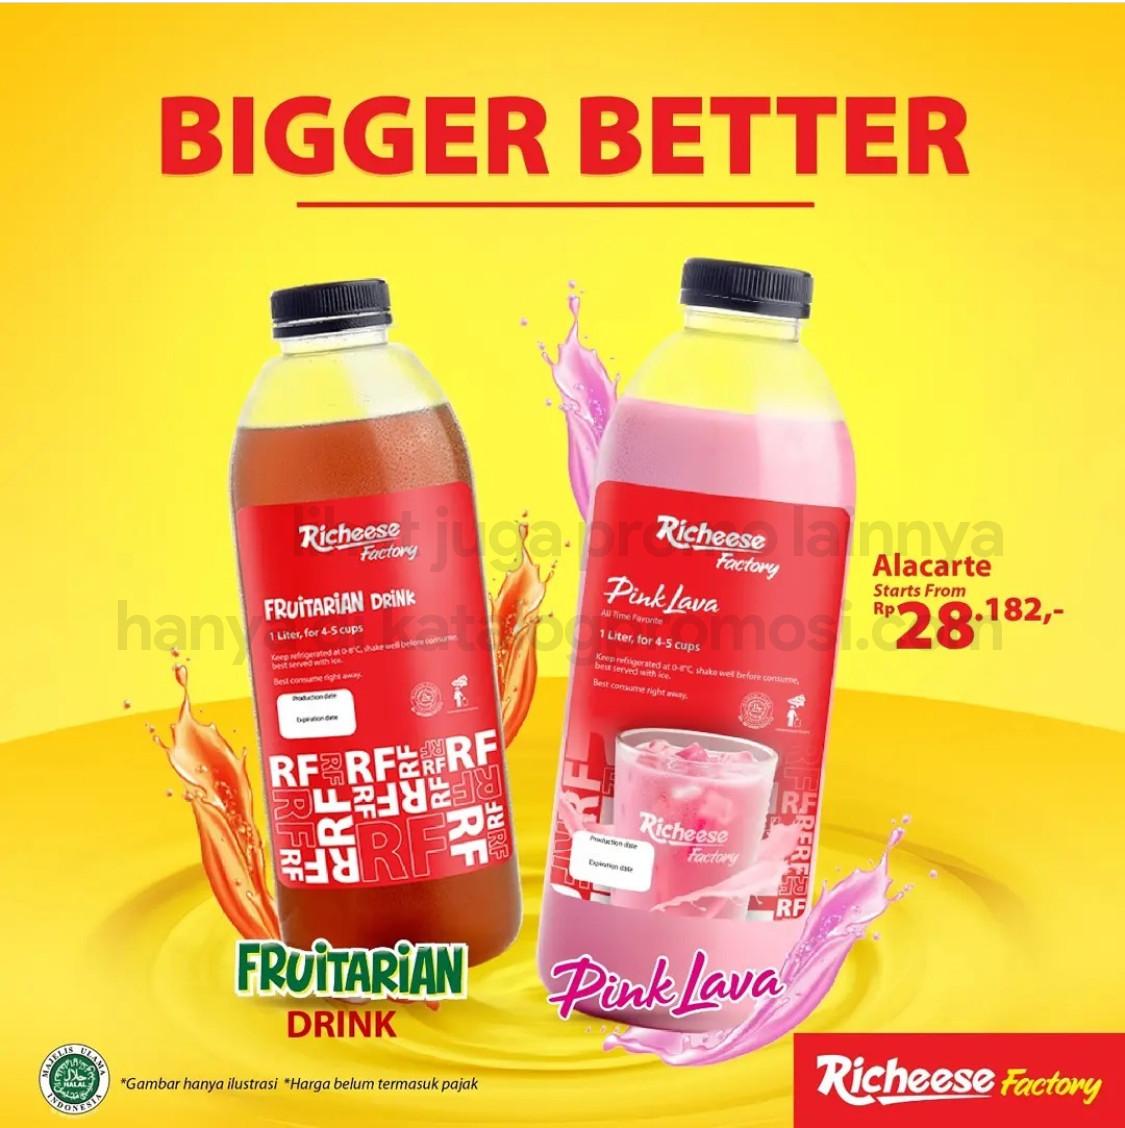 RICHEESE FACTORY Promo BIGGER BETTER - Pink Lava/ Fruitarian Drink 1L Harga Mulai Dari Rp 28.182